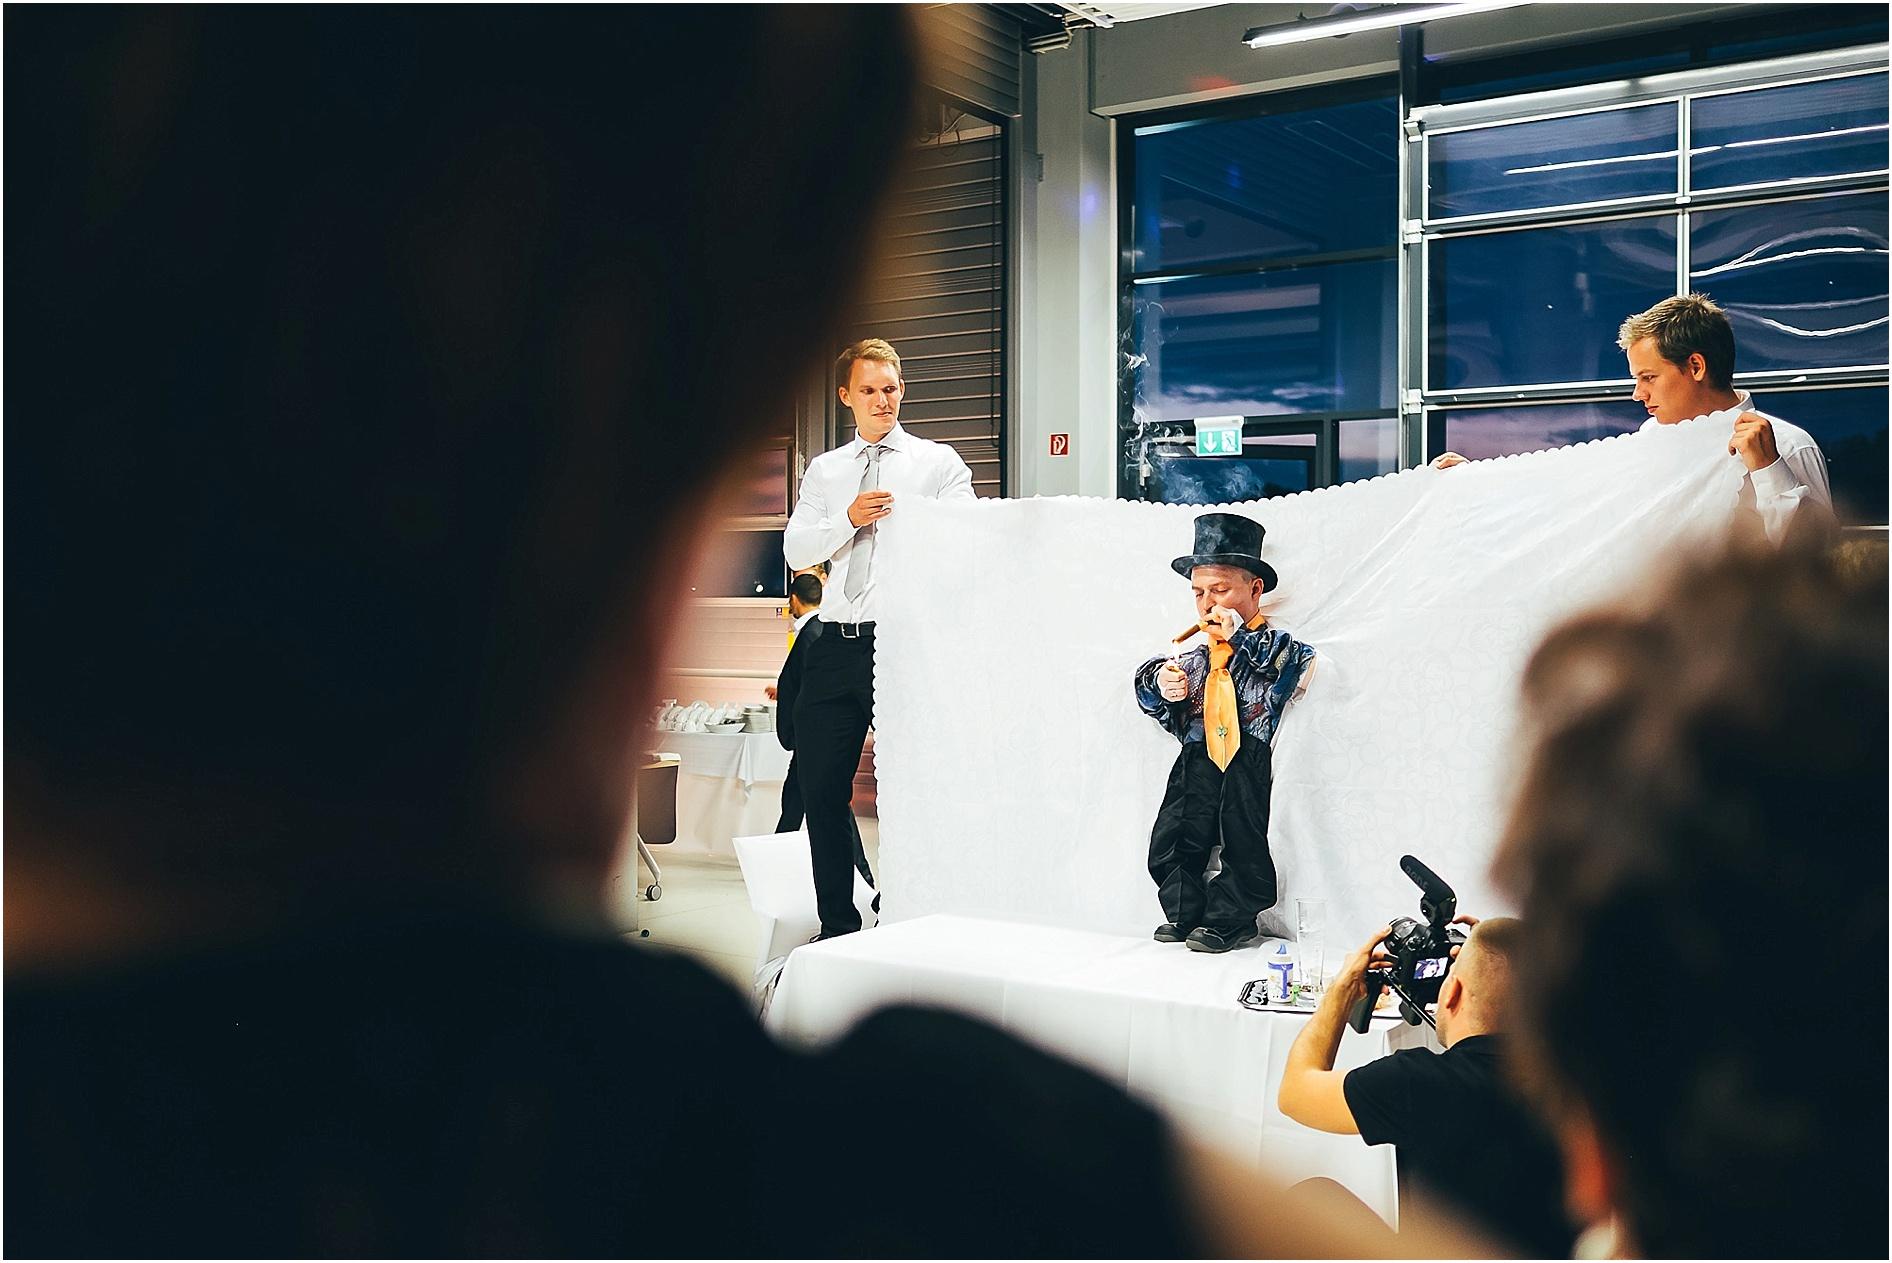 2014-11-20_0121 Lora & Daniel - Als Hochzeitsfotograf in Lüneburg